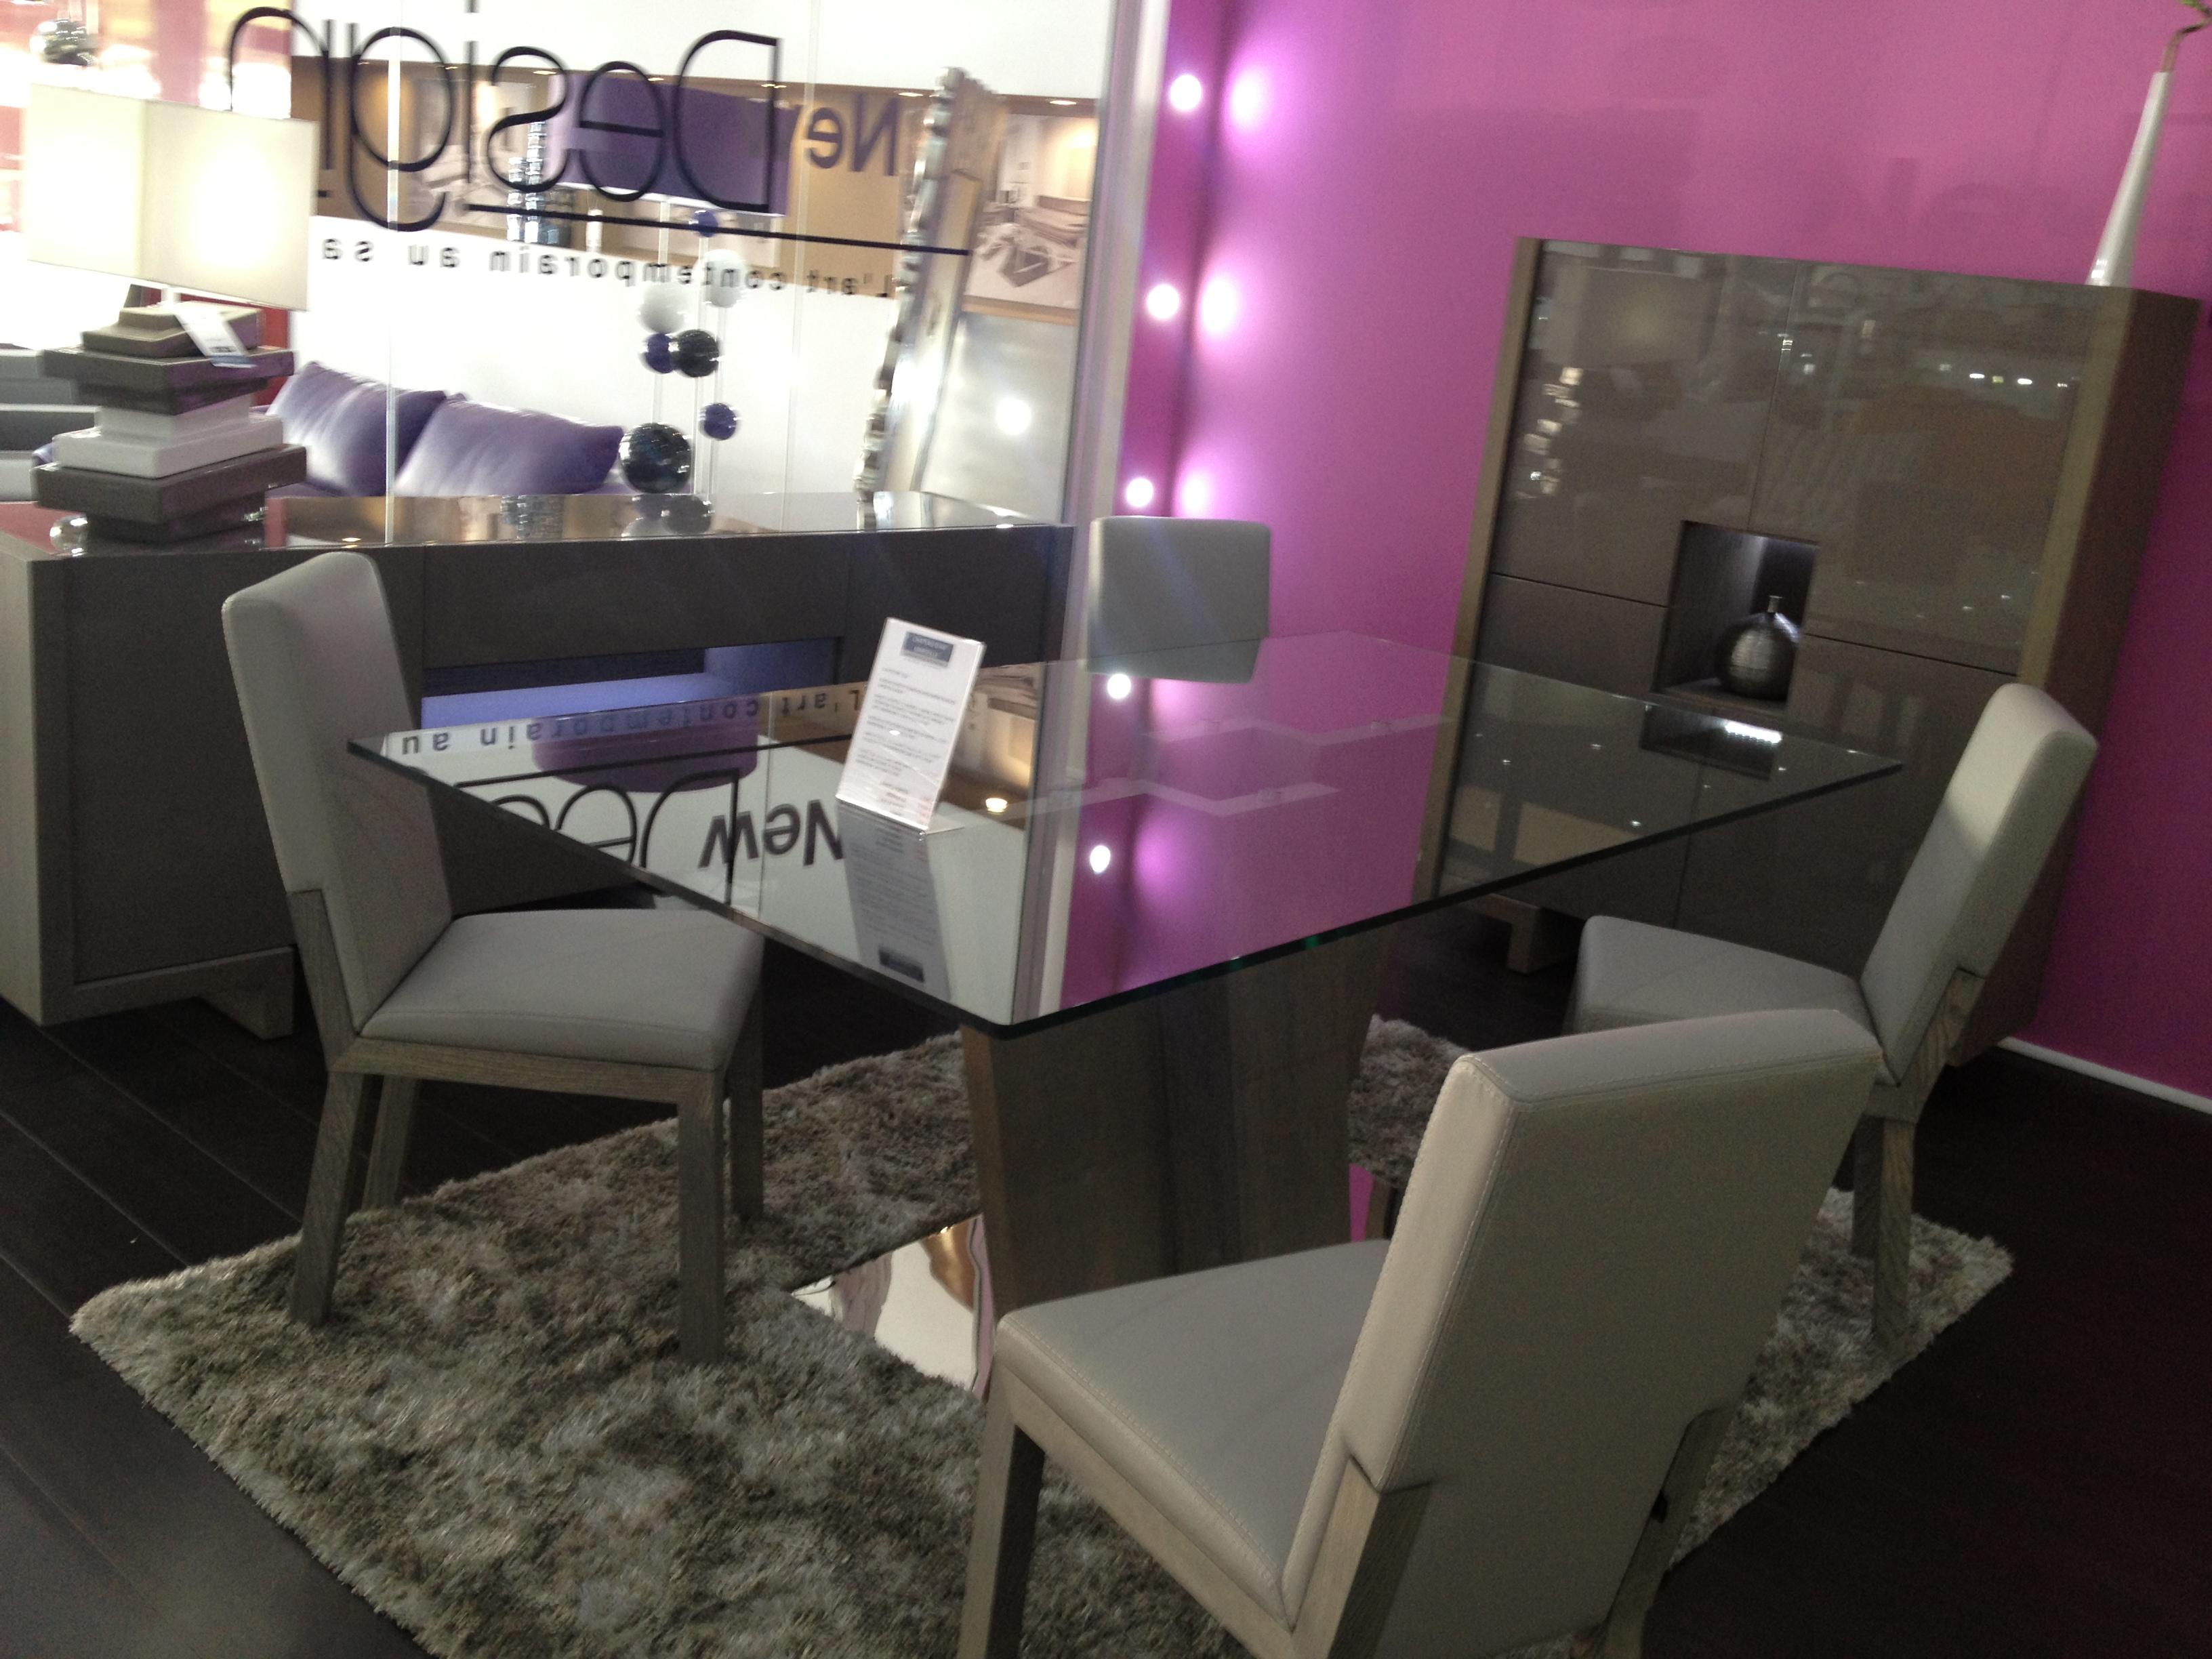 Mobilier Design Buffet Meubles Tv Console Chateau D Ax  # Chateau D Ax Meuble Tv